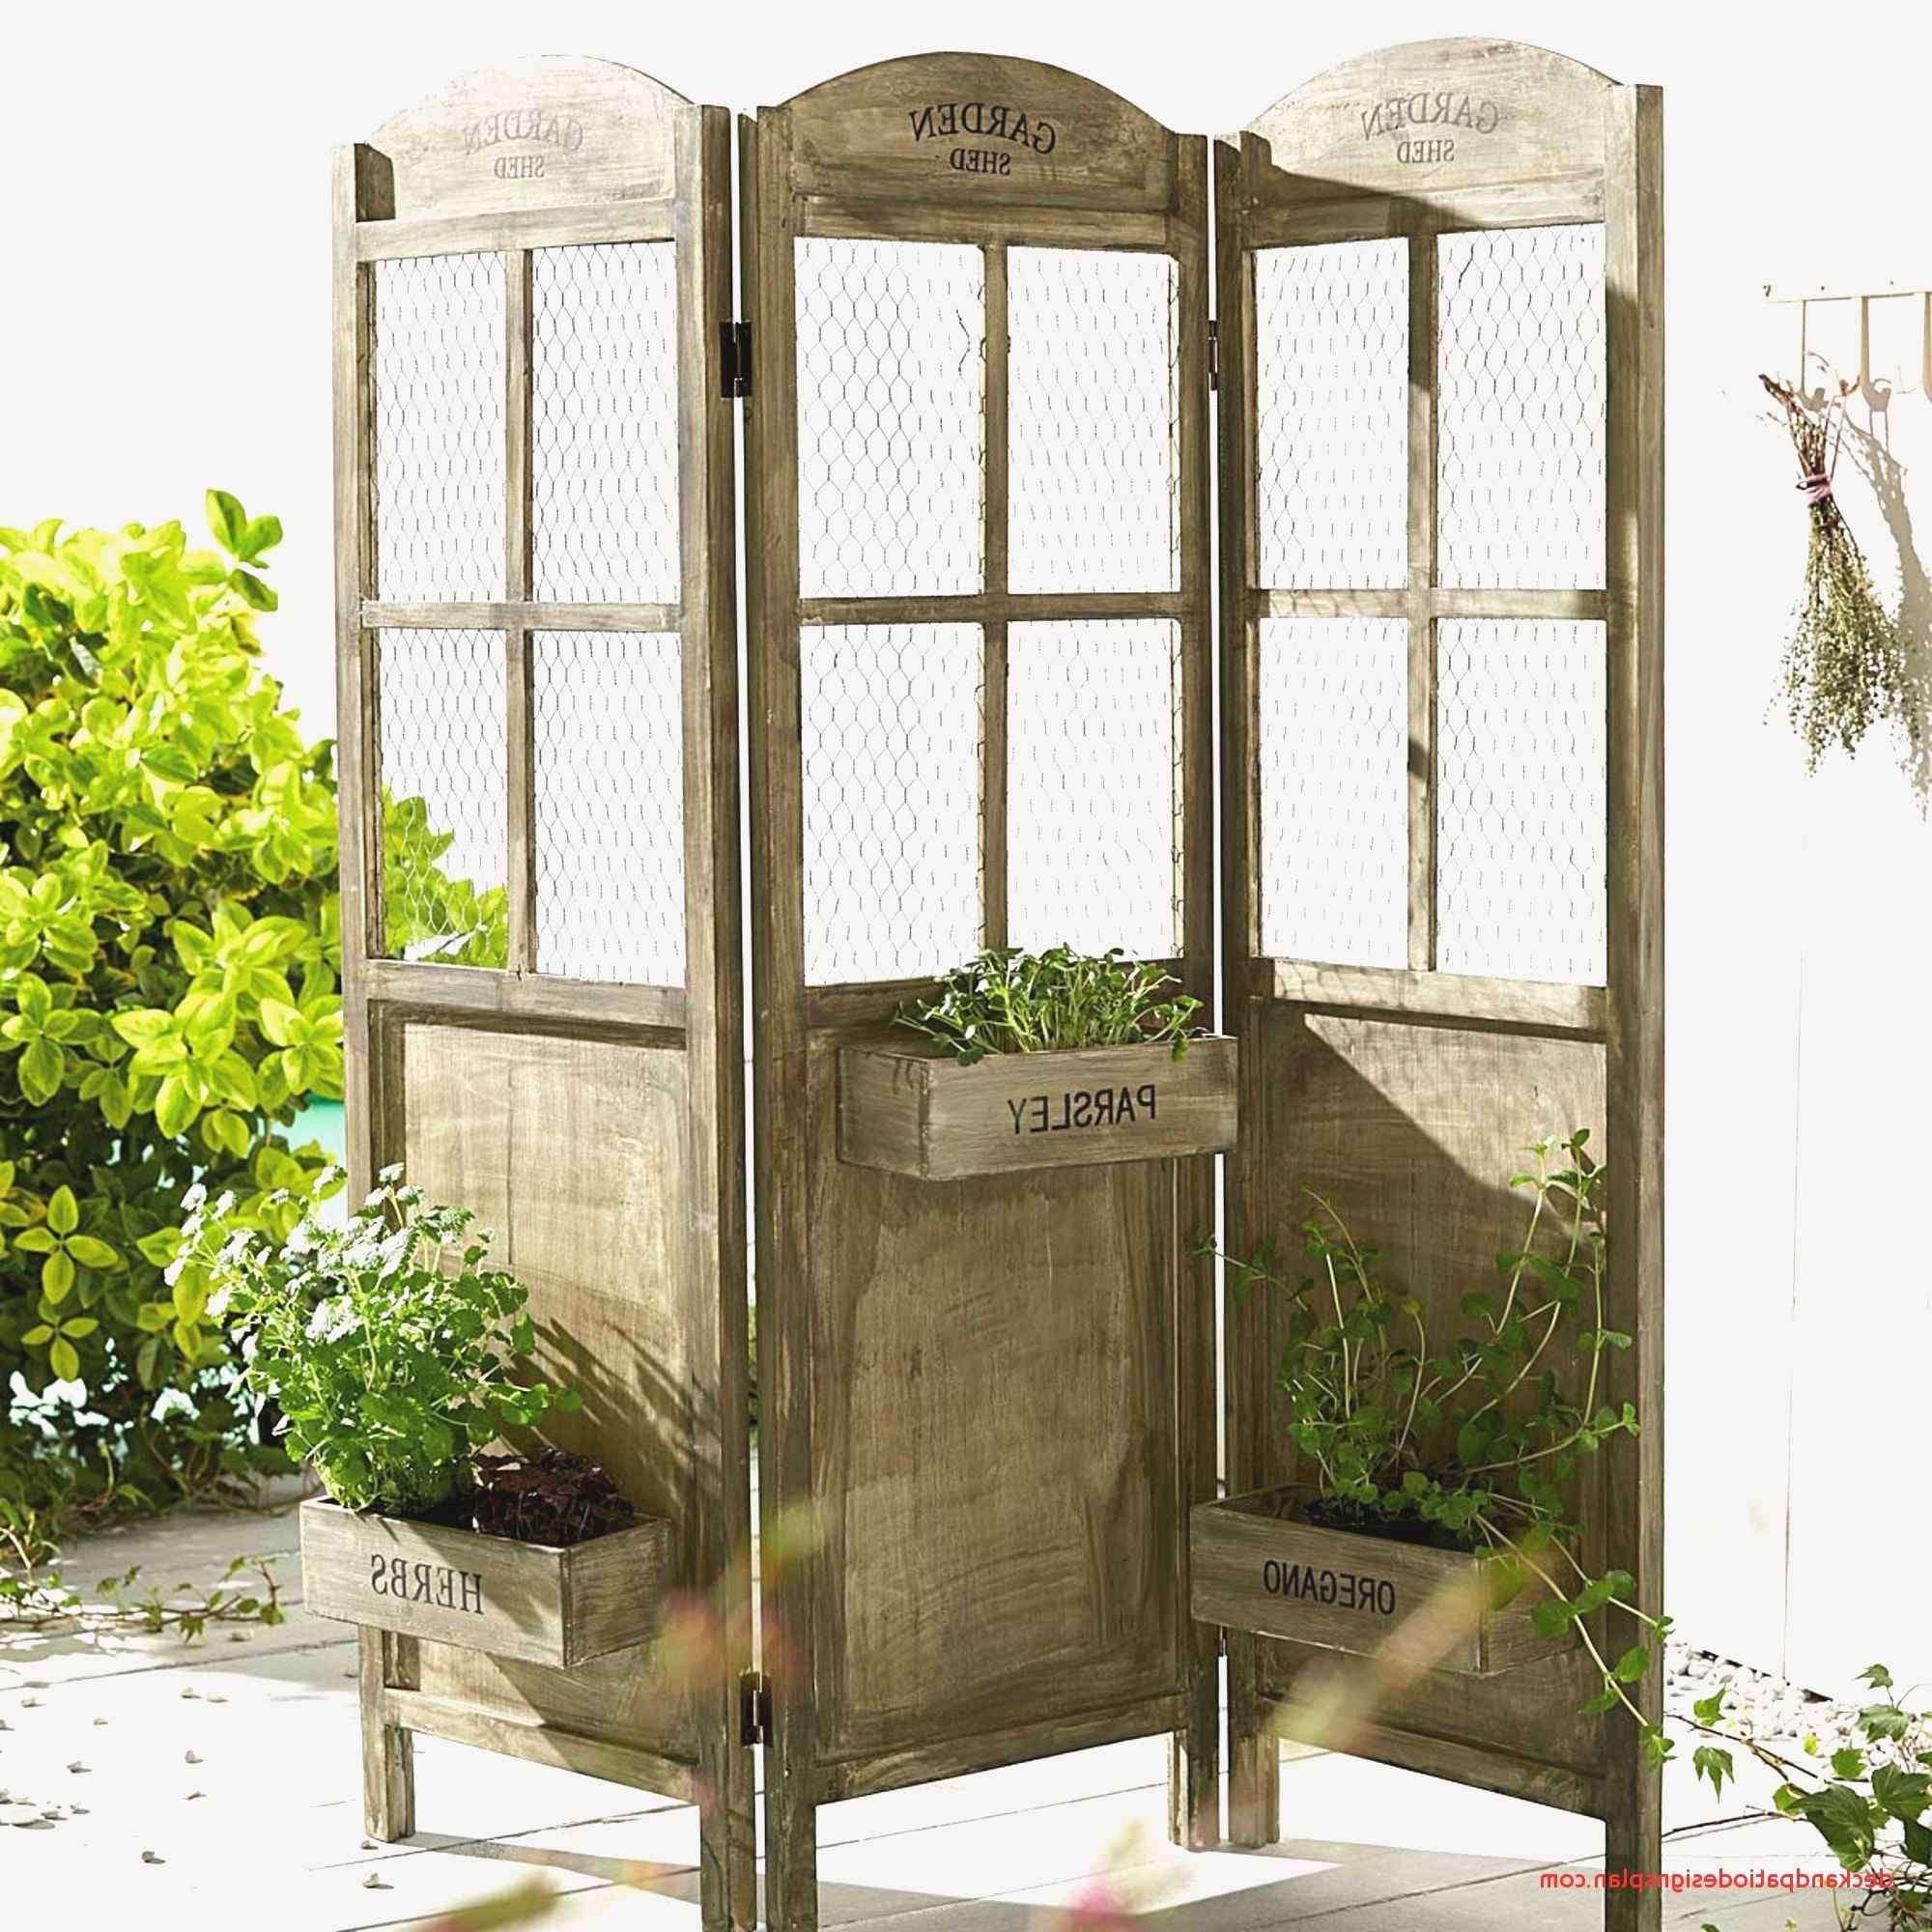 Full Size of Paravent Hornbach Einzigartig 40 Fr Wpc Zaun Dengan Gambar Garten Wohnzimmer Paravent Hornbach